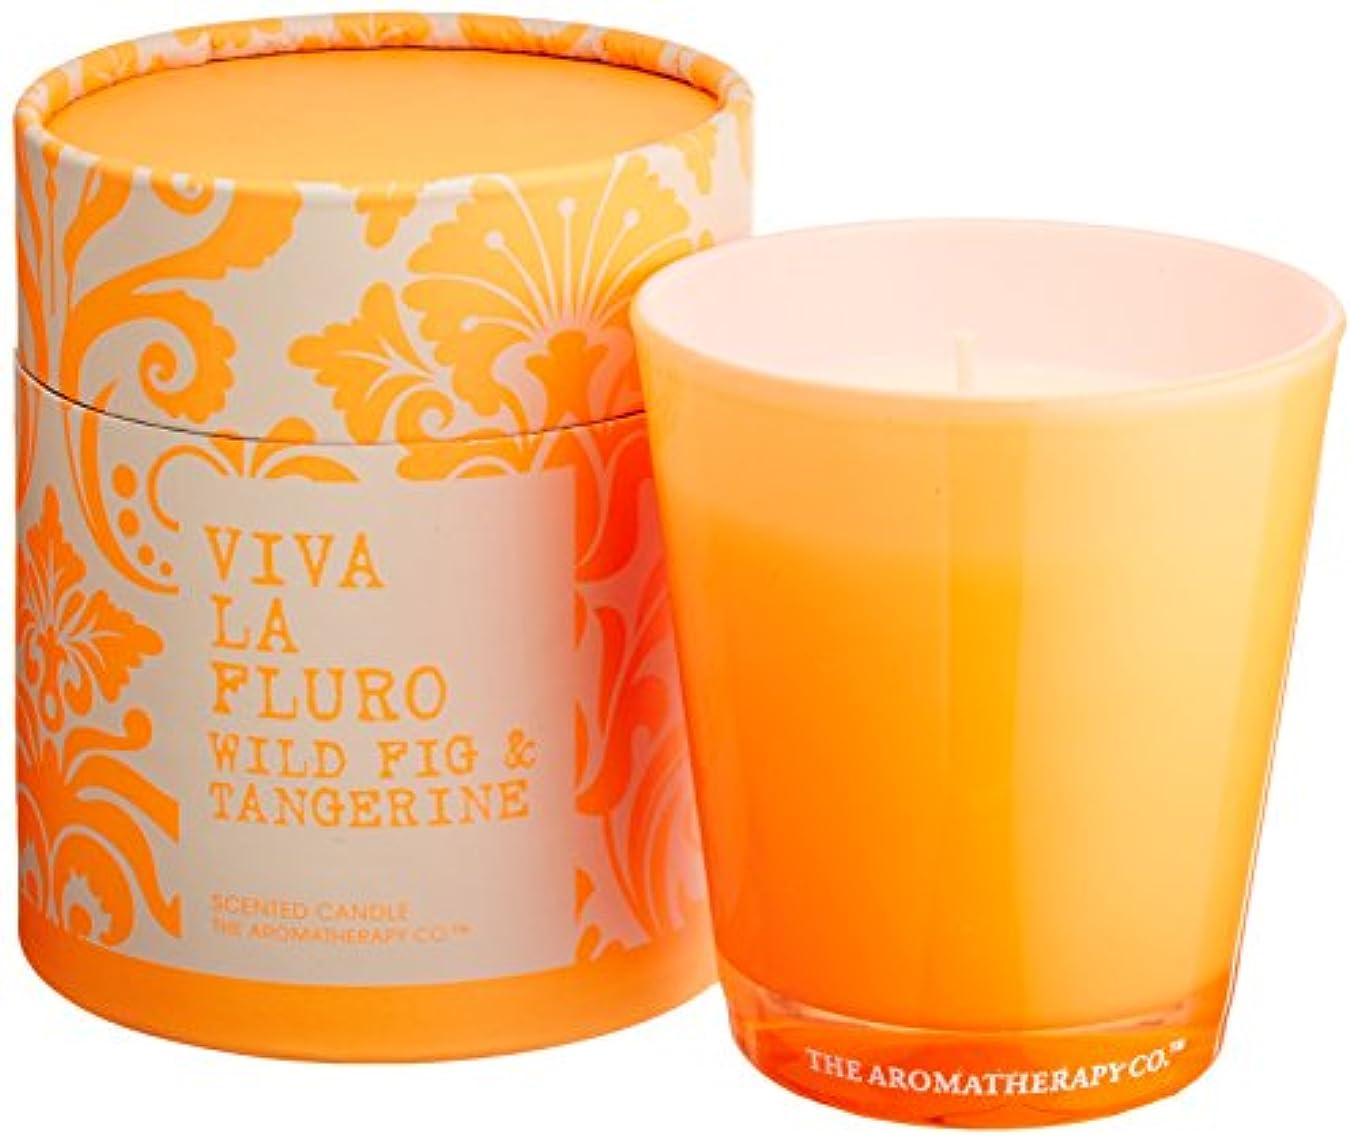 ヒップ忠誠不測の事態VIVA LA FLURO センティッドキャンドル ワイルドフィグ&タンジェリン Wild Fig&Tangerine ビバ?ラ?フルーロ